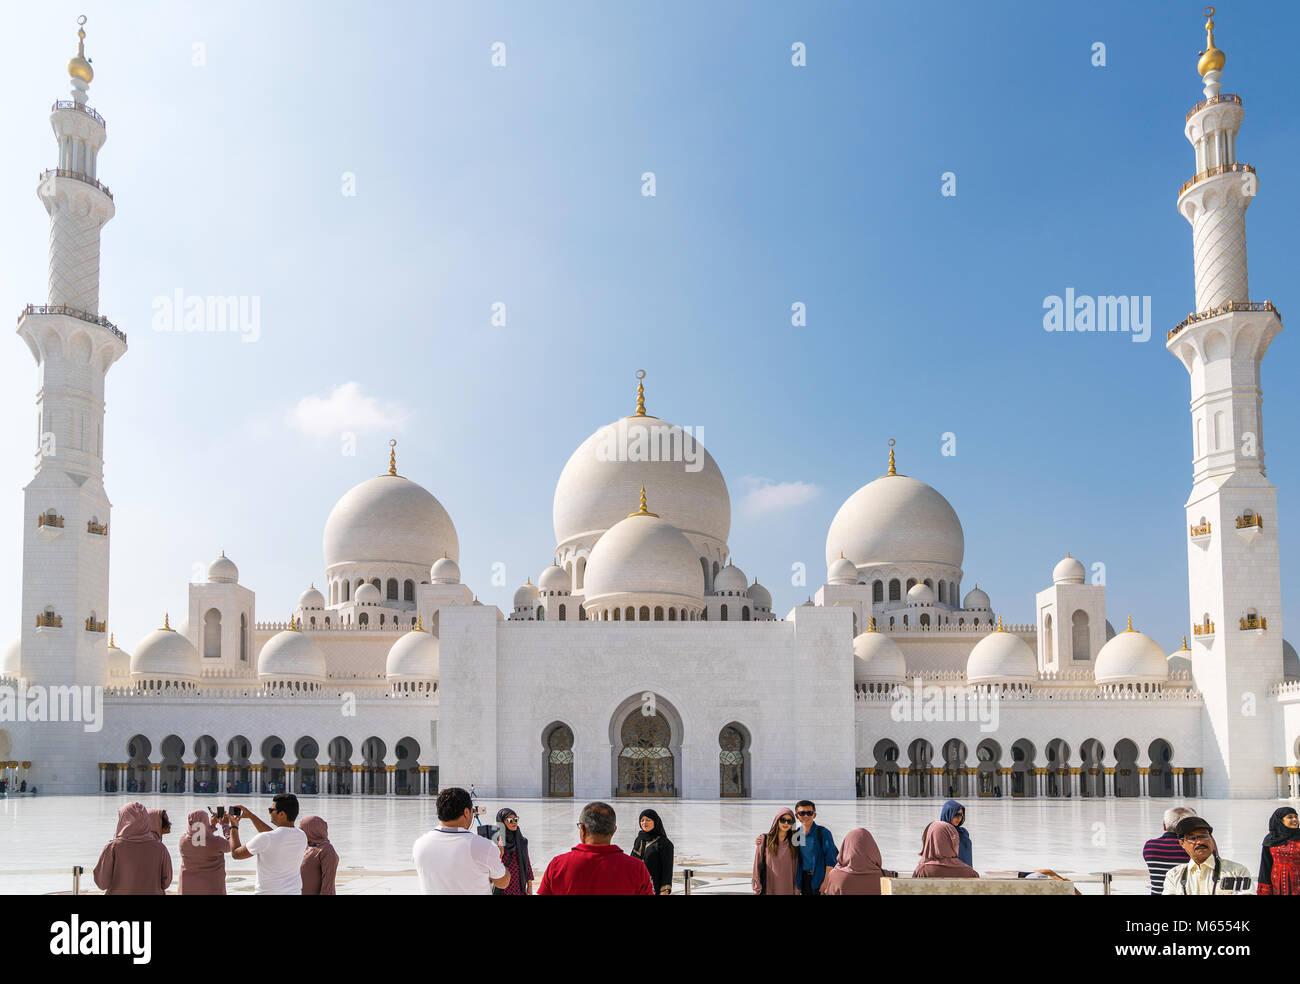 28. Dezember 2017 - Abu Dhabi, VAE. Touristen nehmen Fotos und selfies vor einem herrlichen Sheikh Zayed Moschee. Stockbild